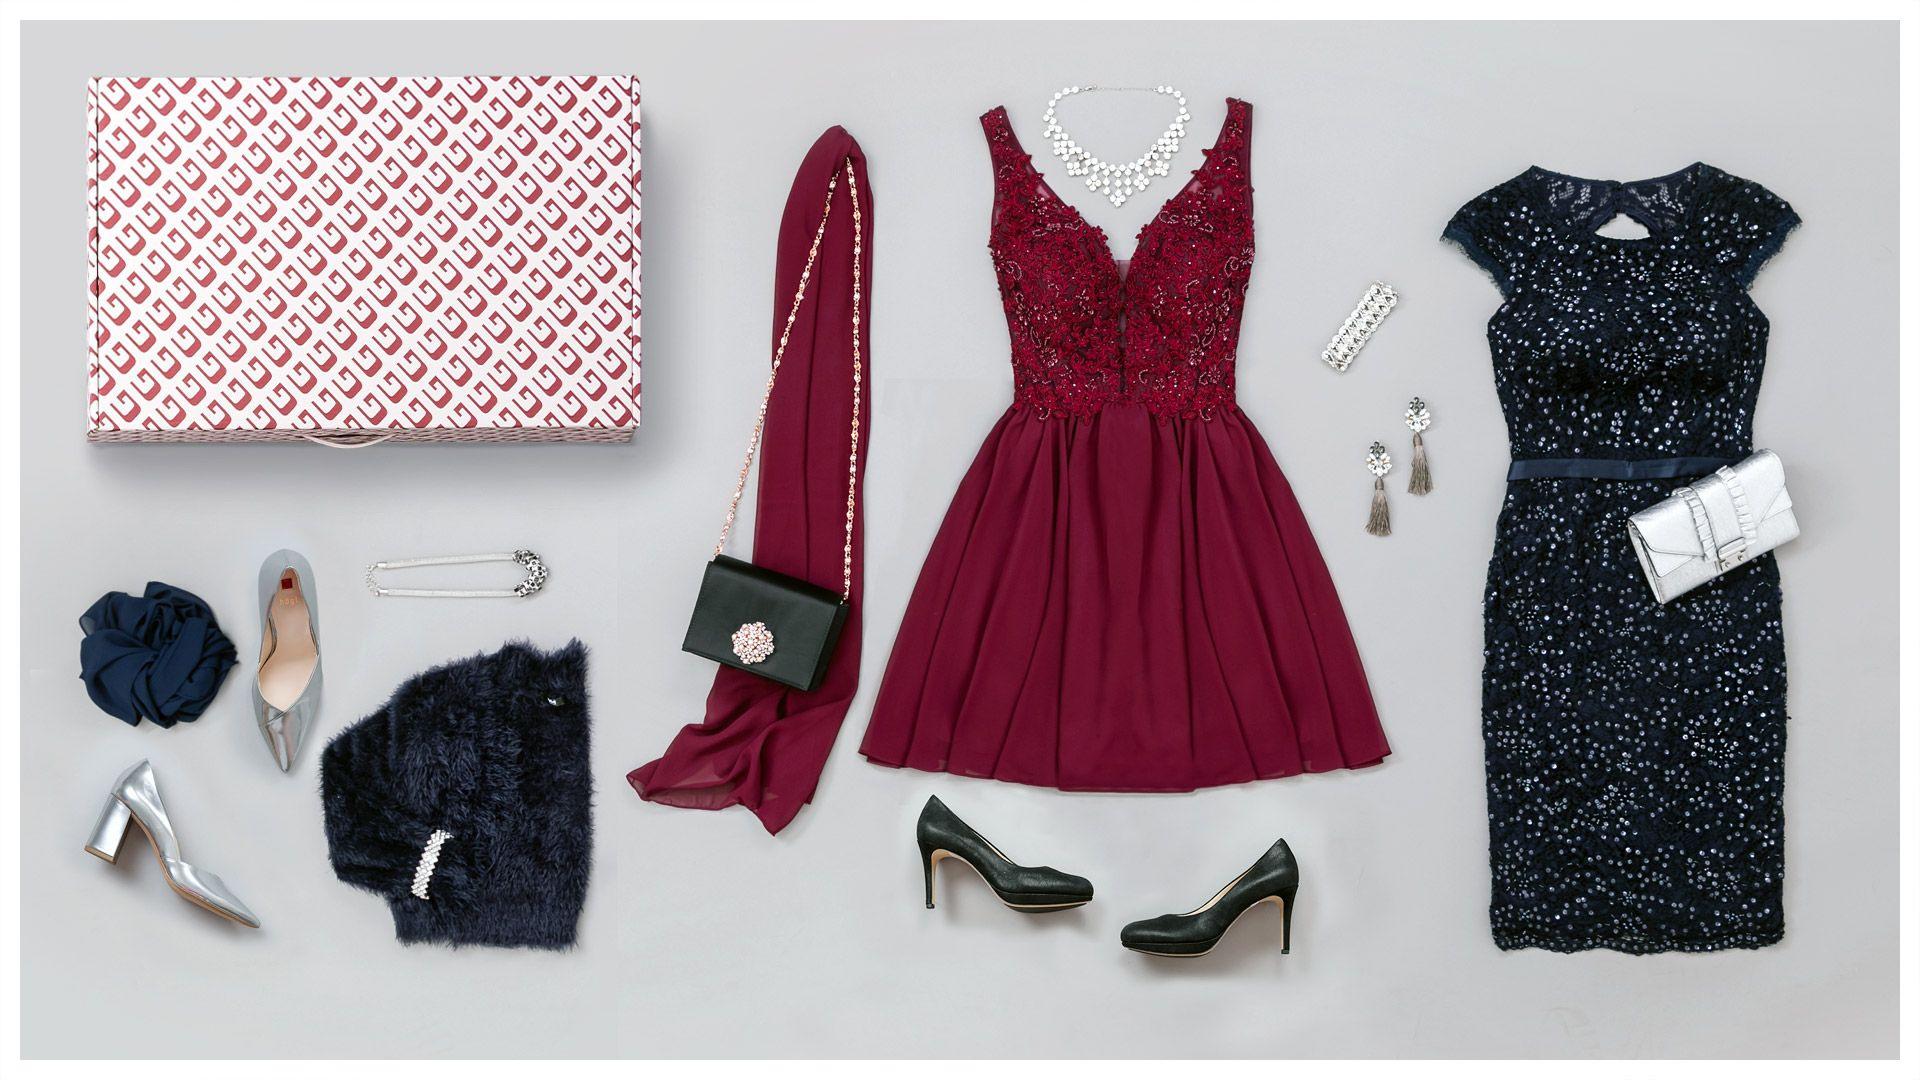 13 Einzigartig Abendbekleidung Für Damen Bester Preis20 Wunderbar Abendbekleidung Für Damen Stylish